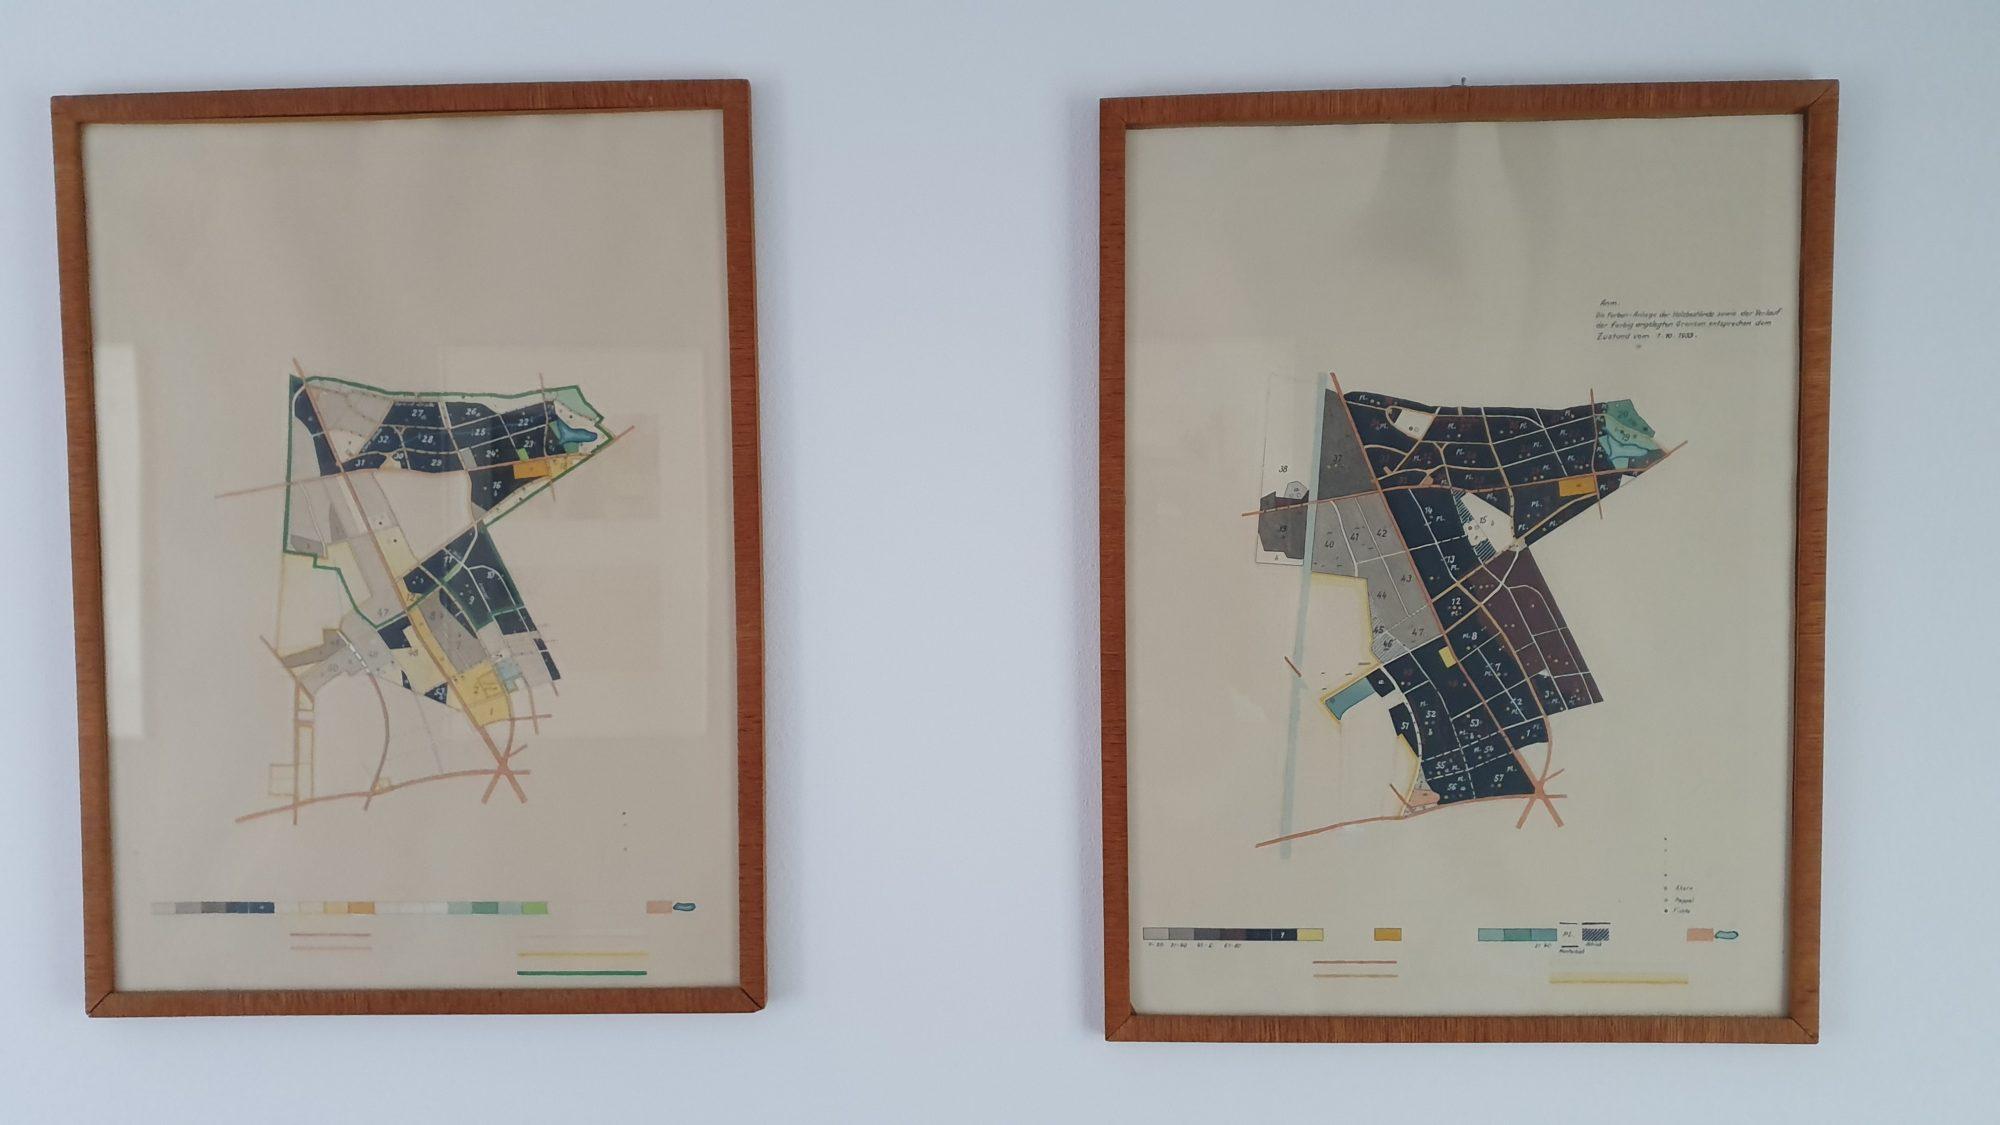 Zwei eingerahmte Karten des Frohnauer Forsts an einer weißen Wand.